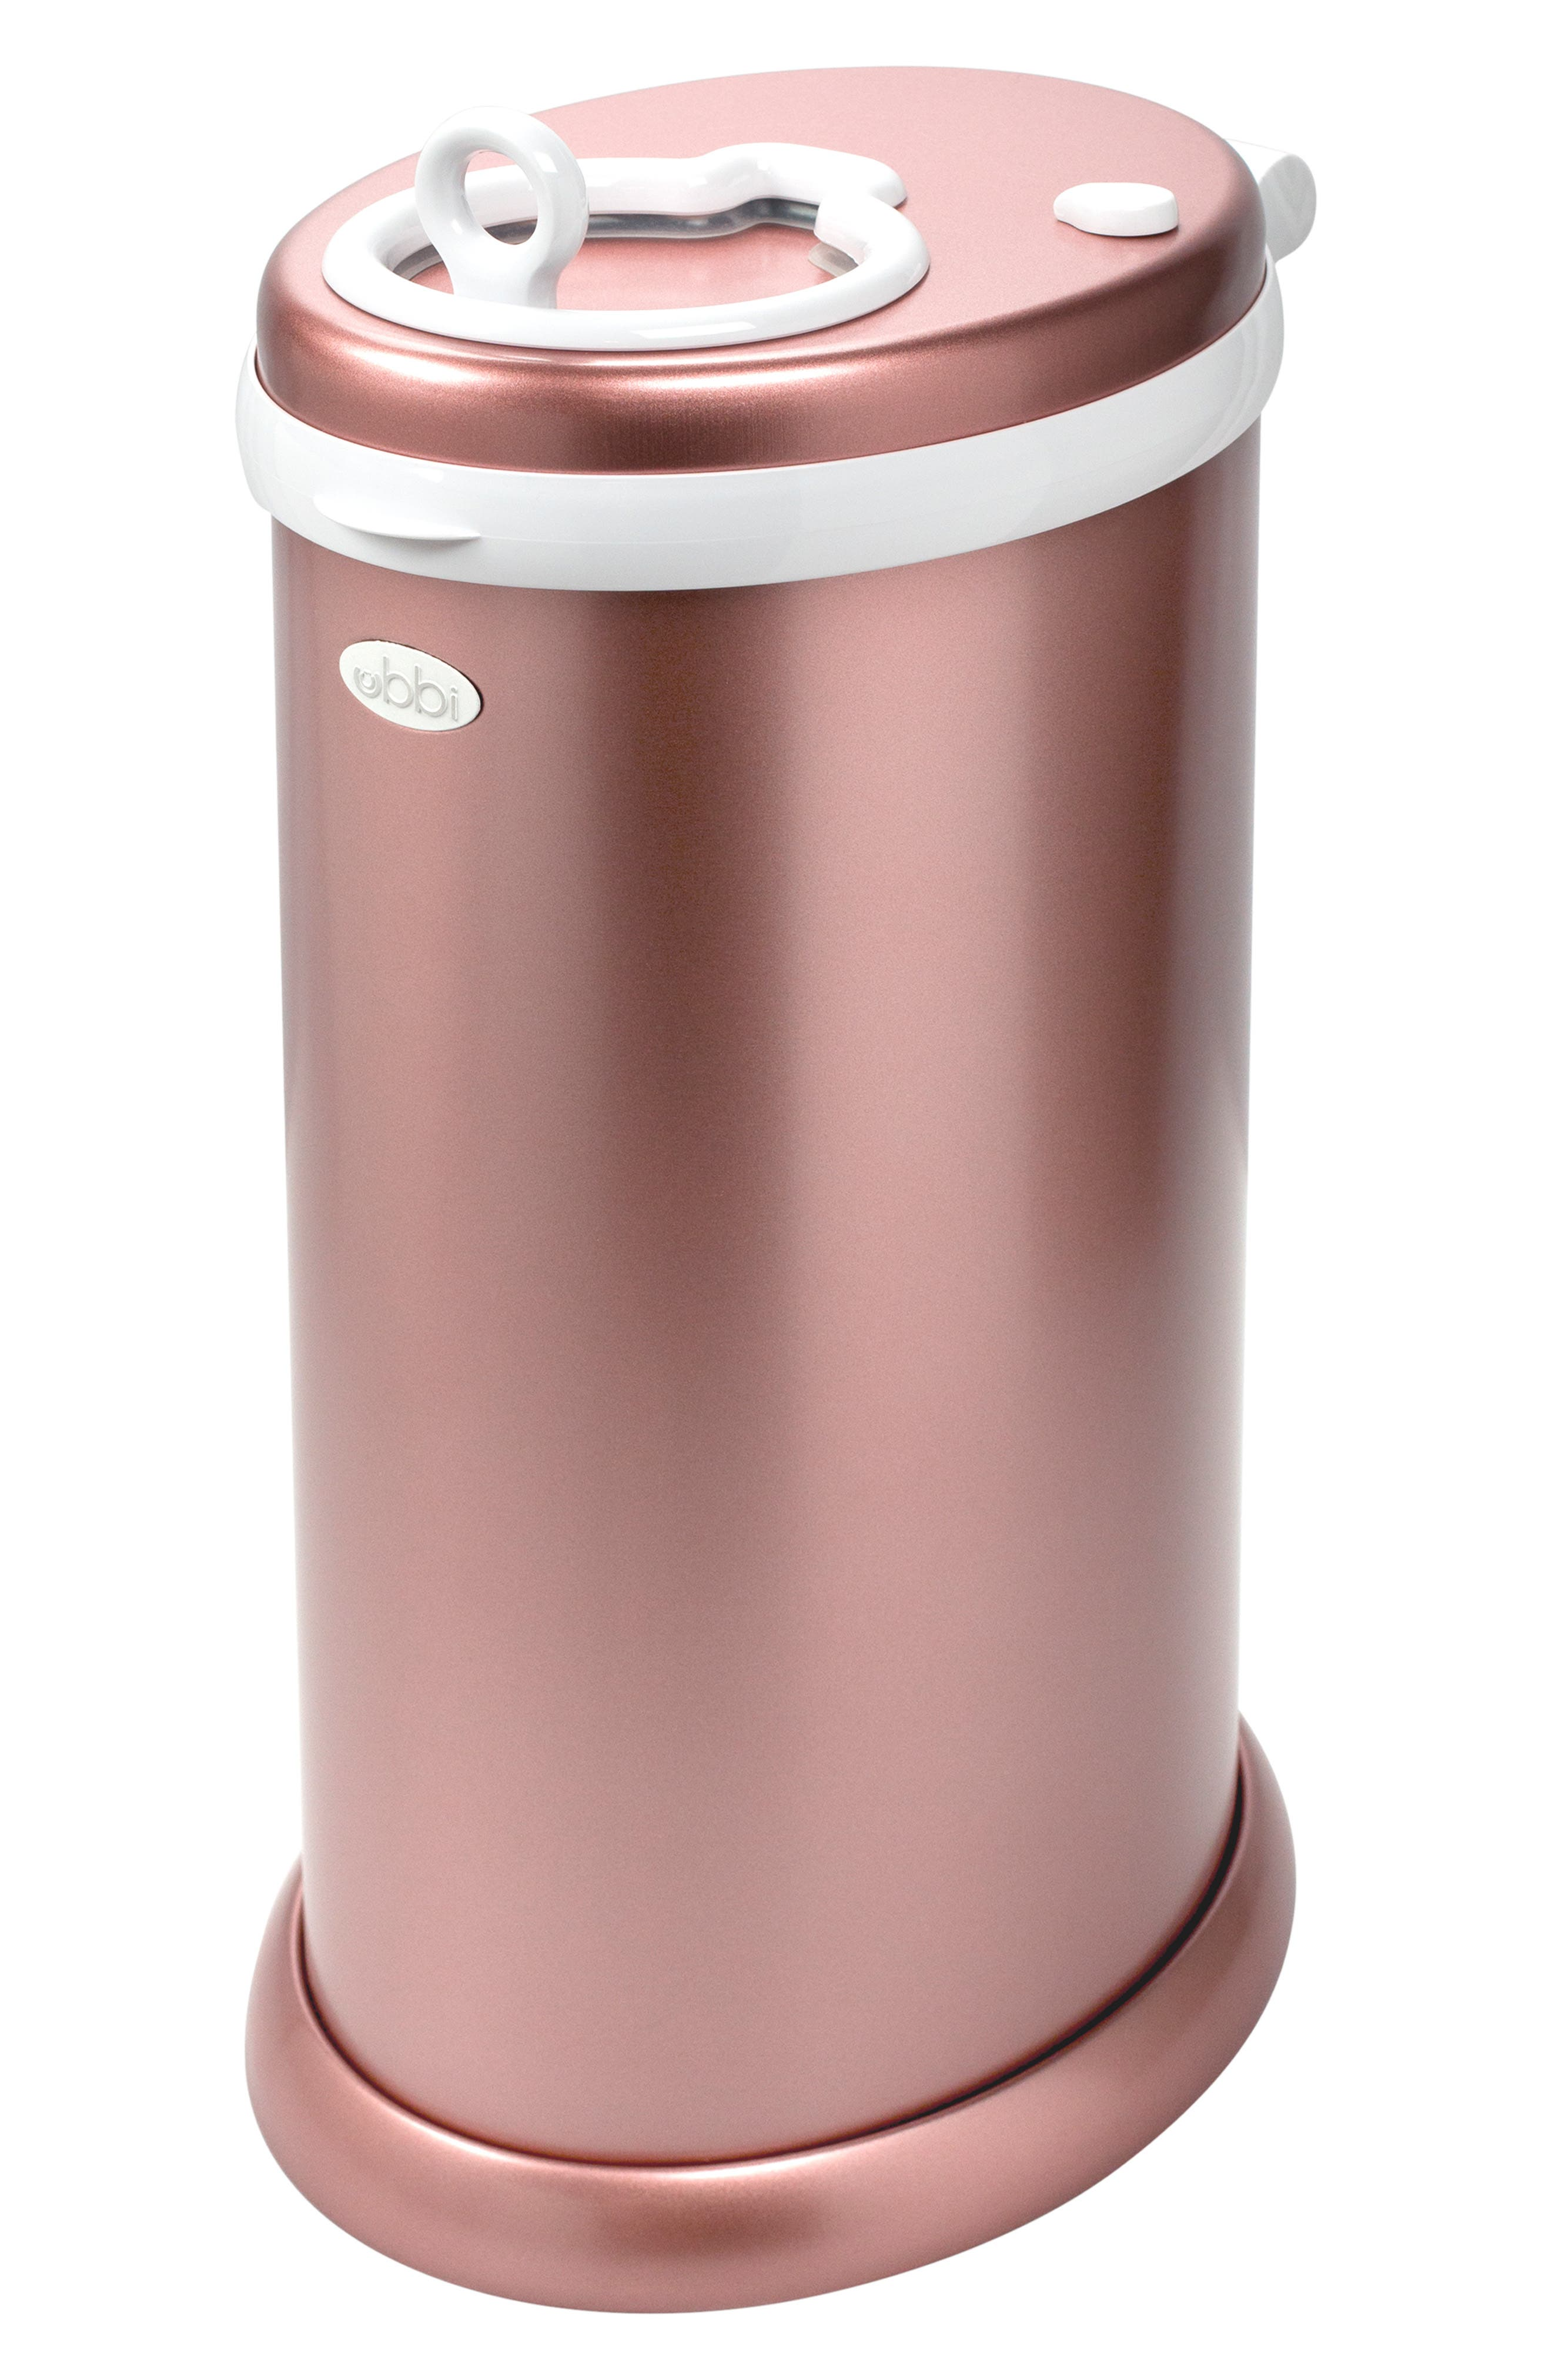 Ubbi Diaper Pail Size One Size  Pink